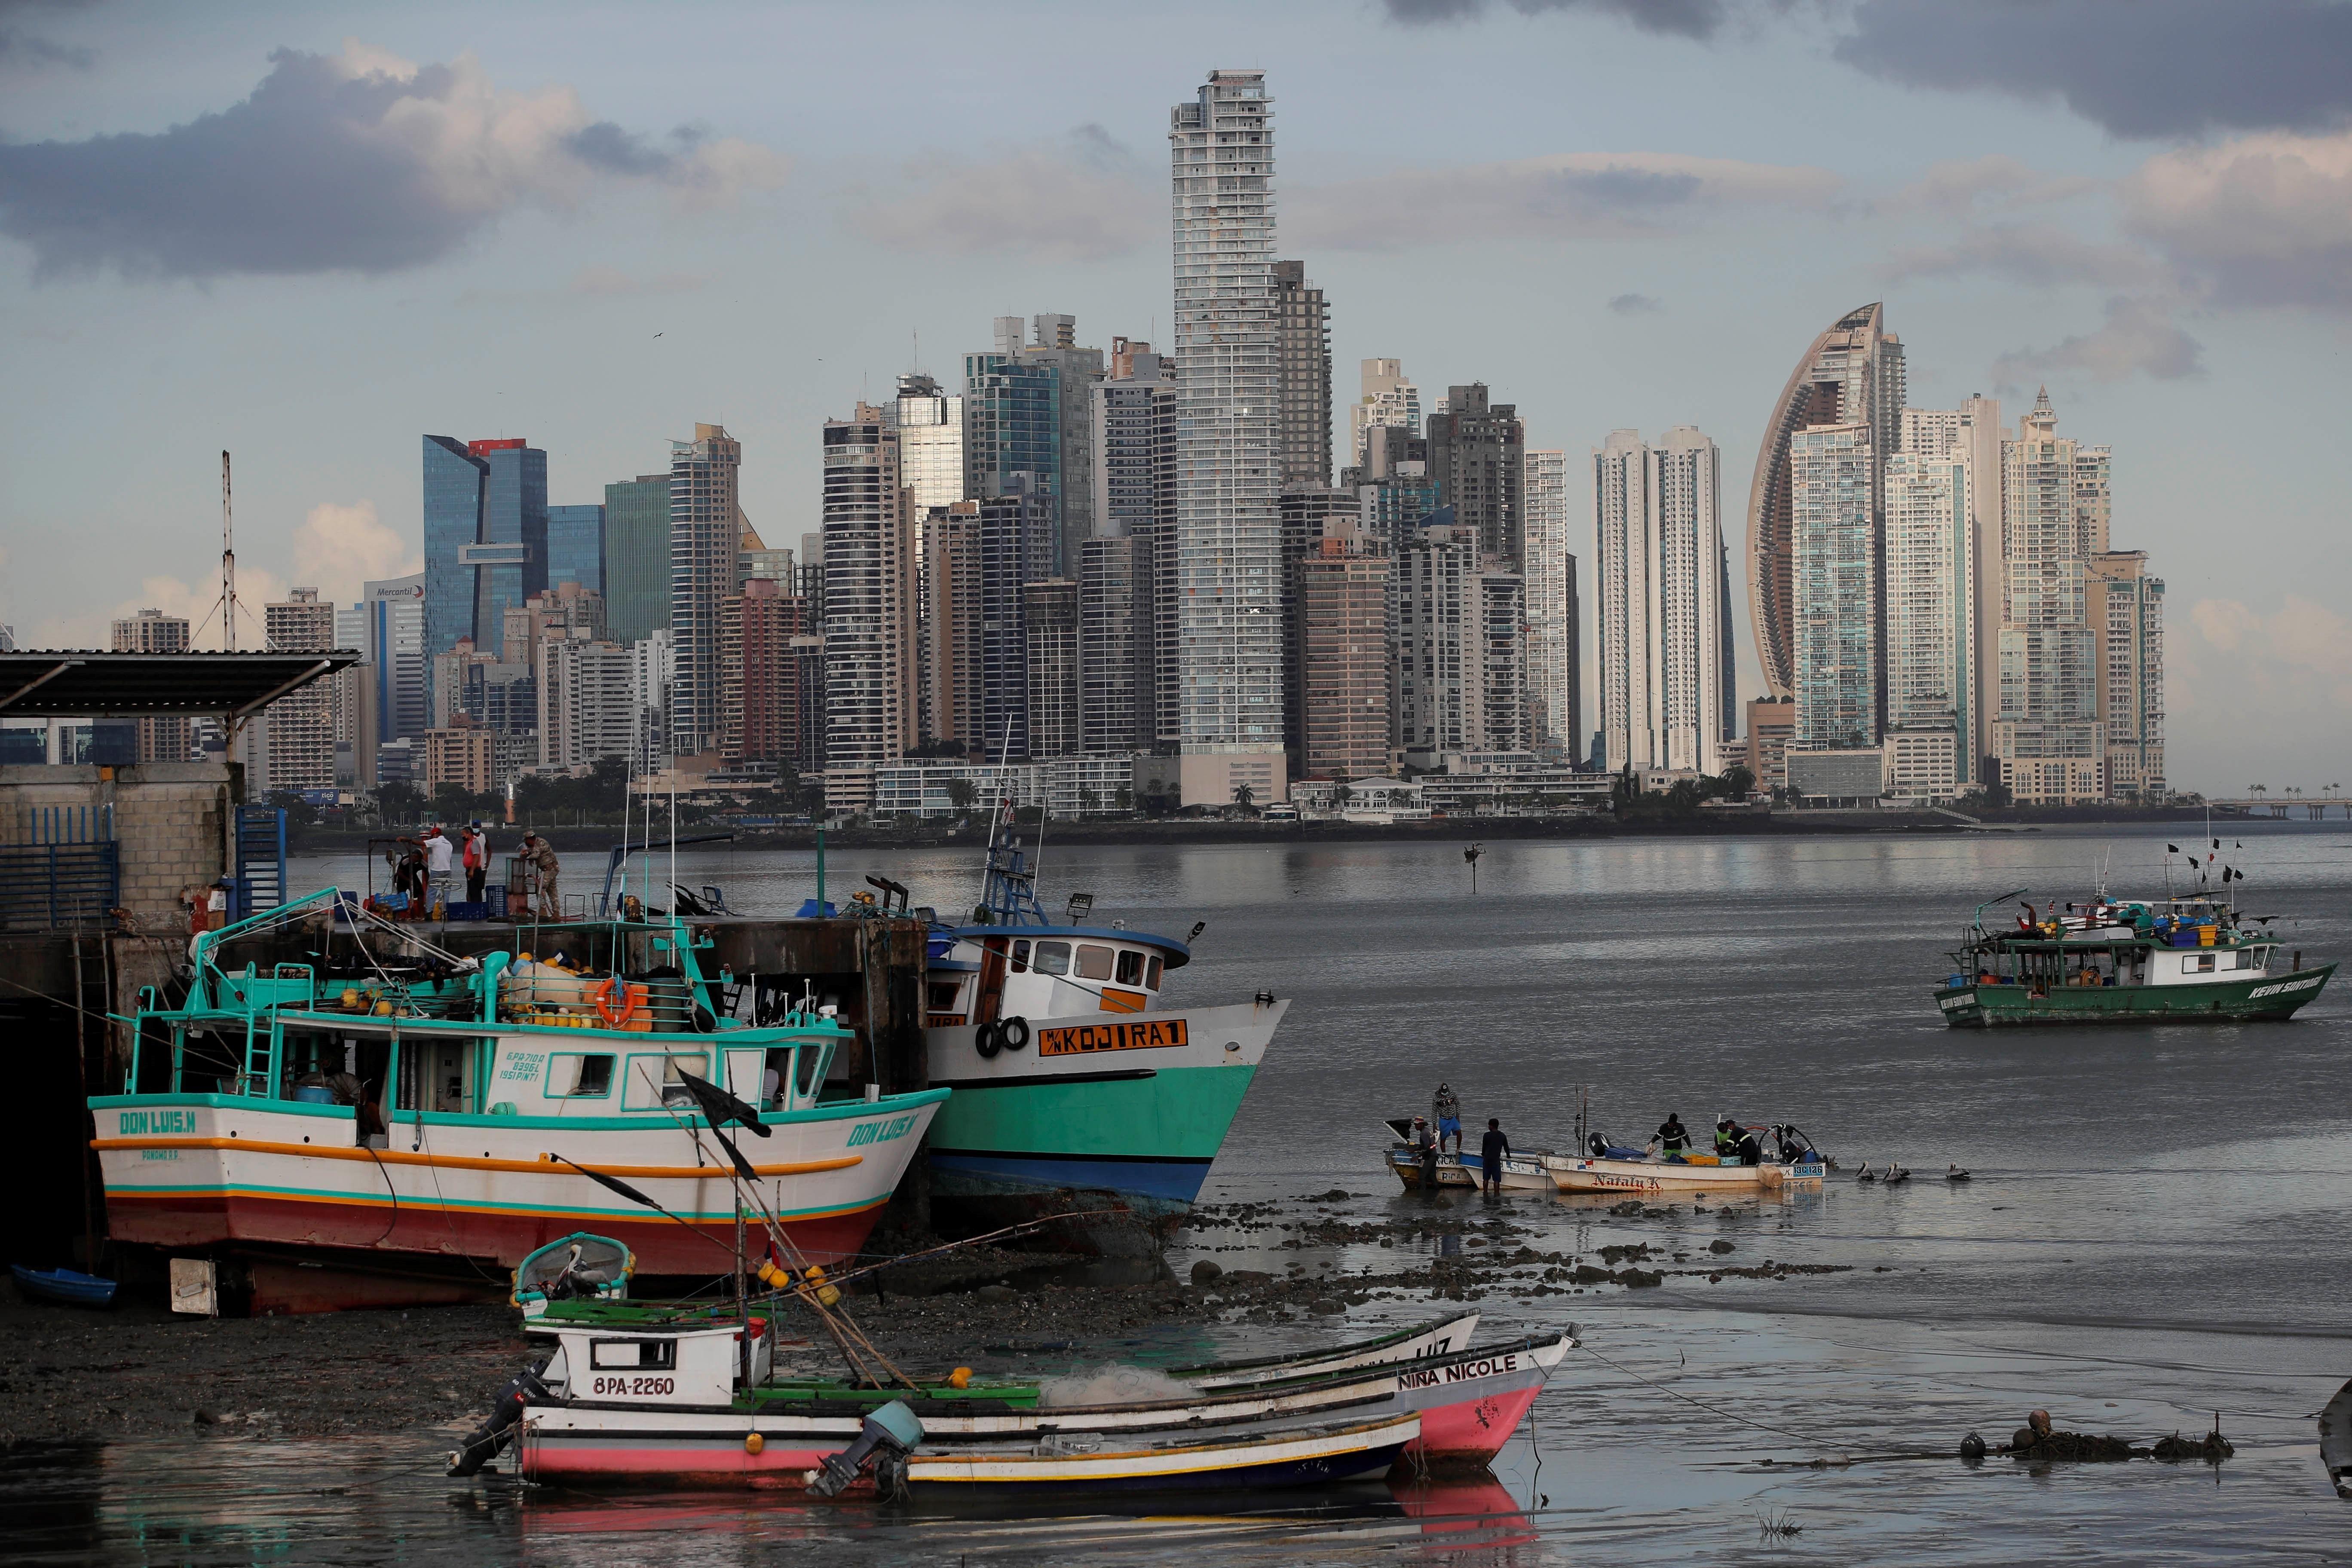 Panamá, con una de las tasas de contagio y mortalidad de la covid-19 más altas de la región, tendrá disponible esta línea de crédito por un periodo de dos años y servirá como un seguro que mantendrá el país a su disposición en caso de ser necesario. EFE/Bienvenido Velasco/Archivo